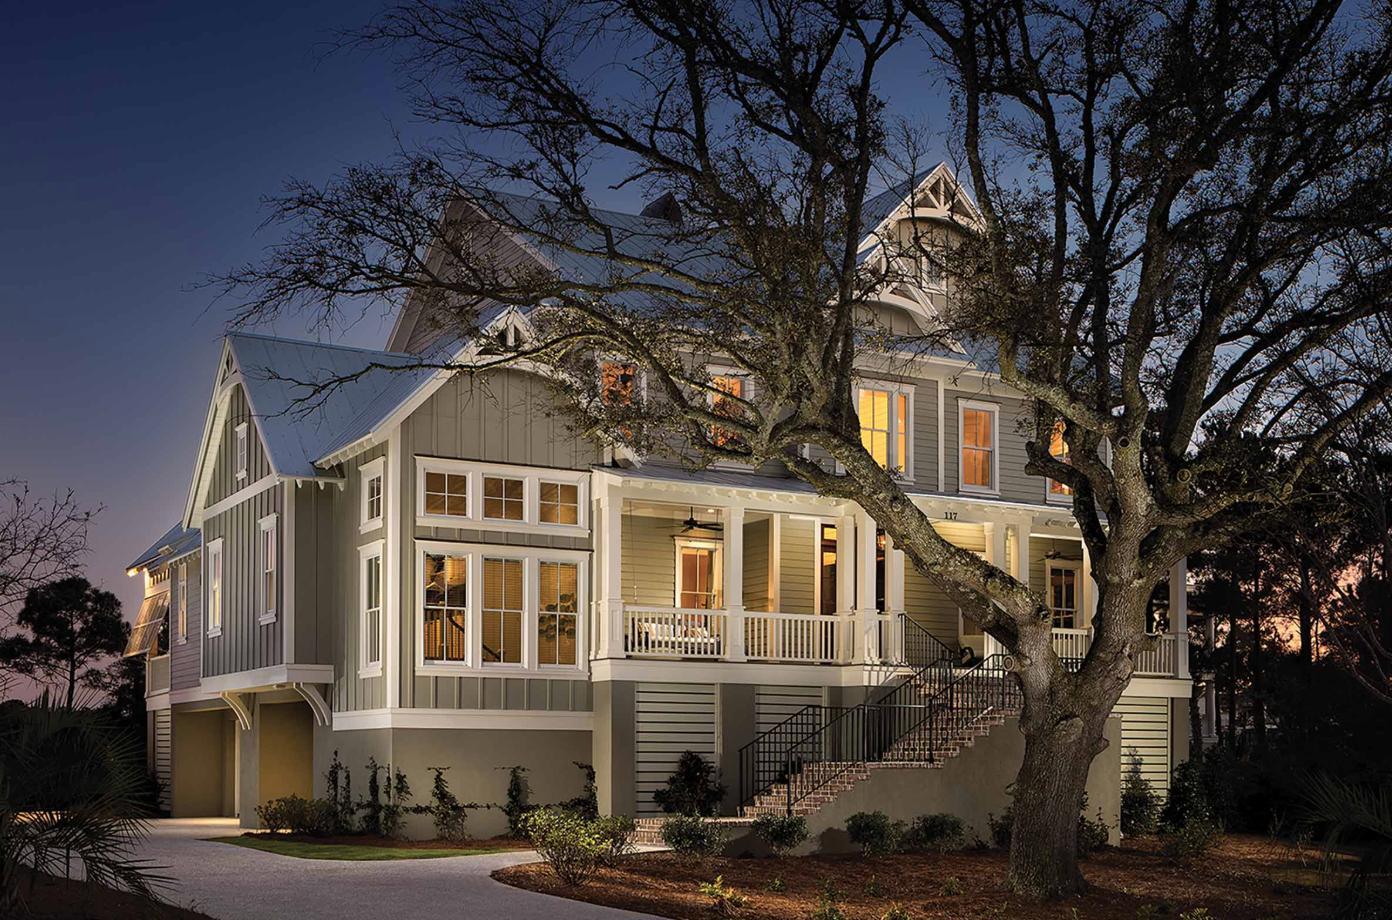 151 Brailsford Street Charleston $1,785,700.00